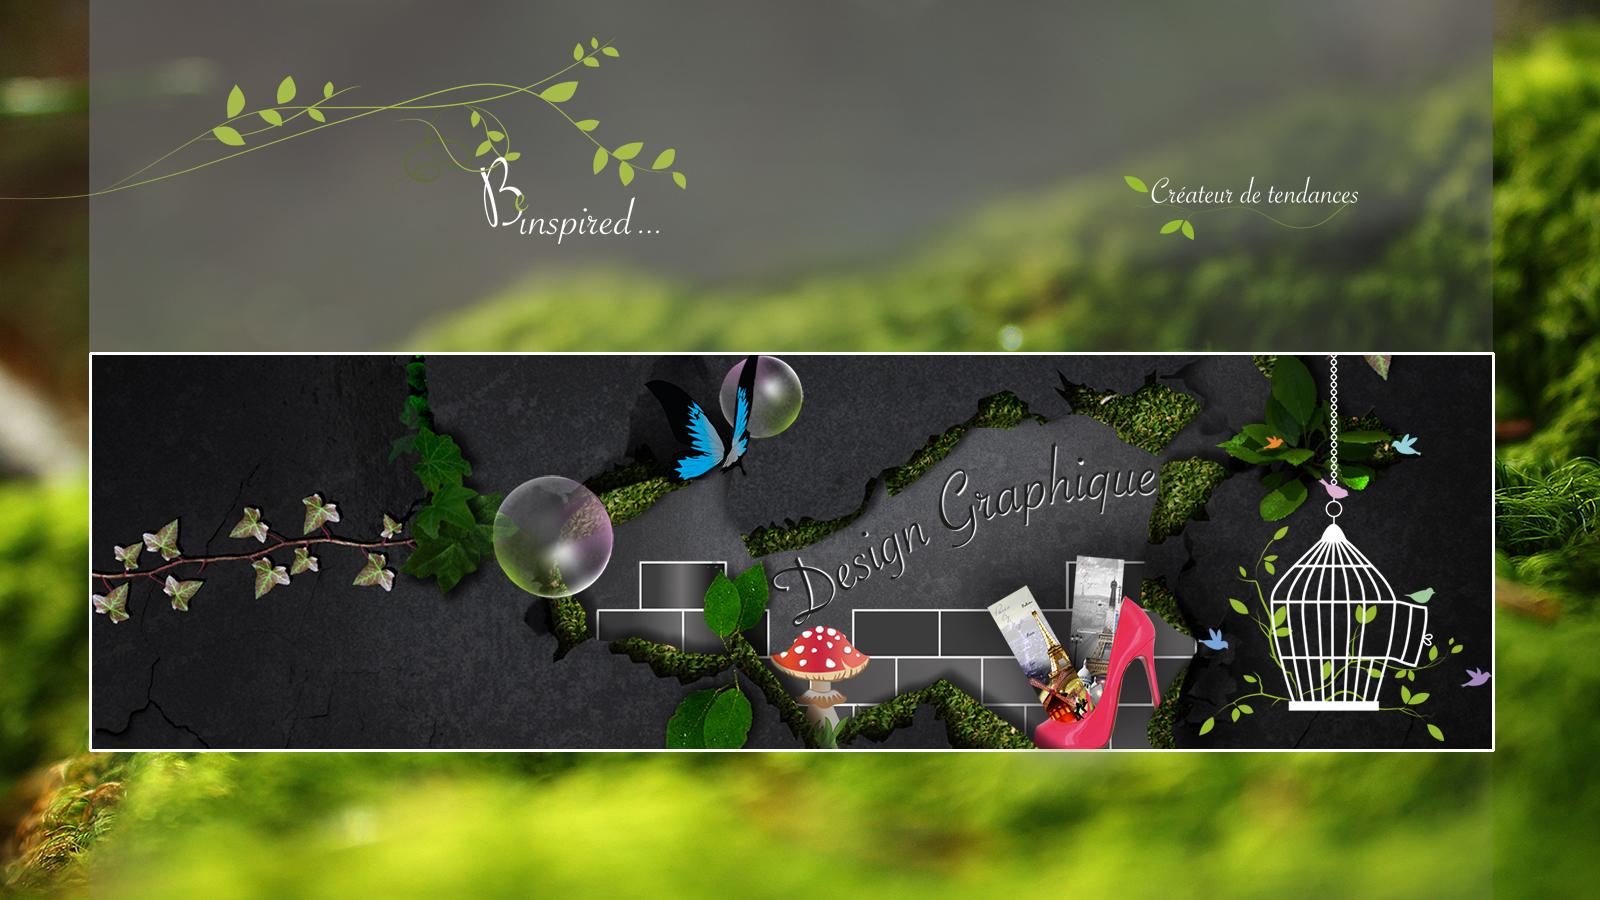 Design_graphic Home